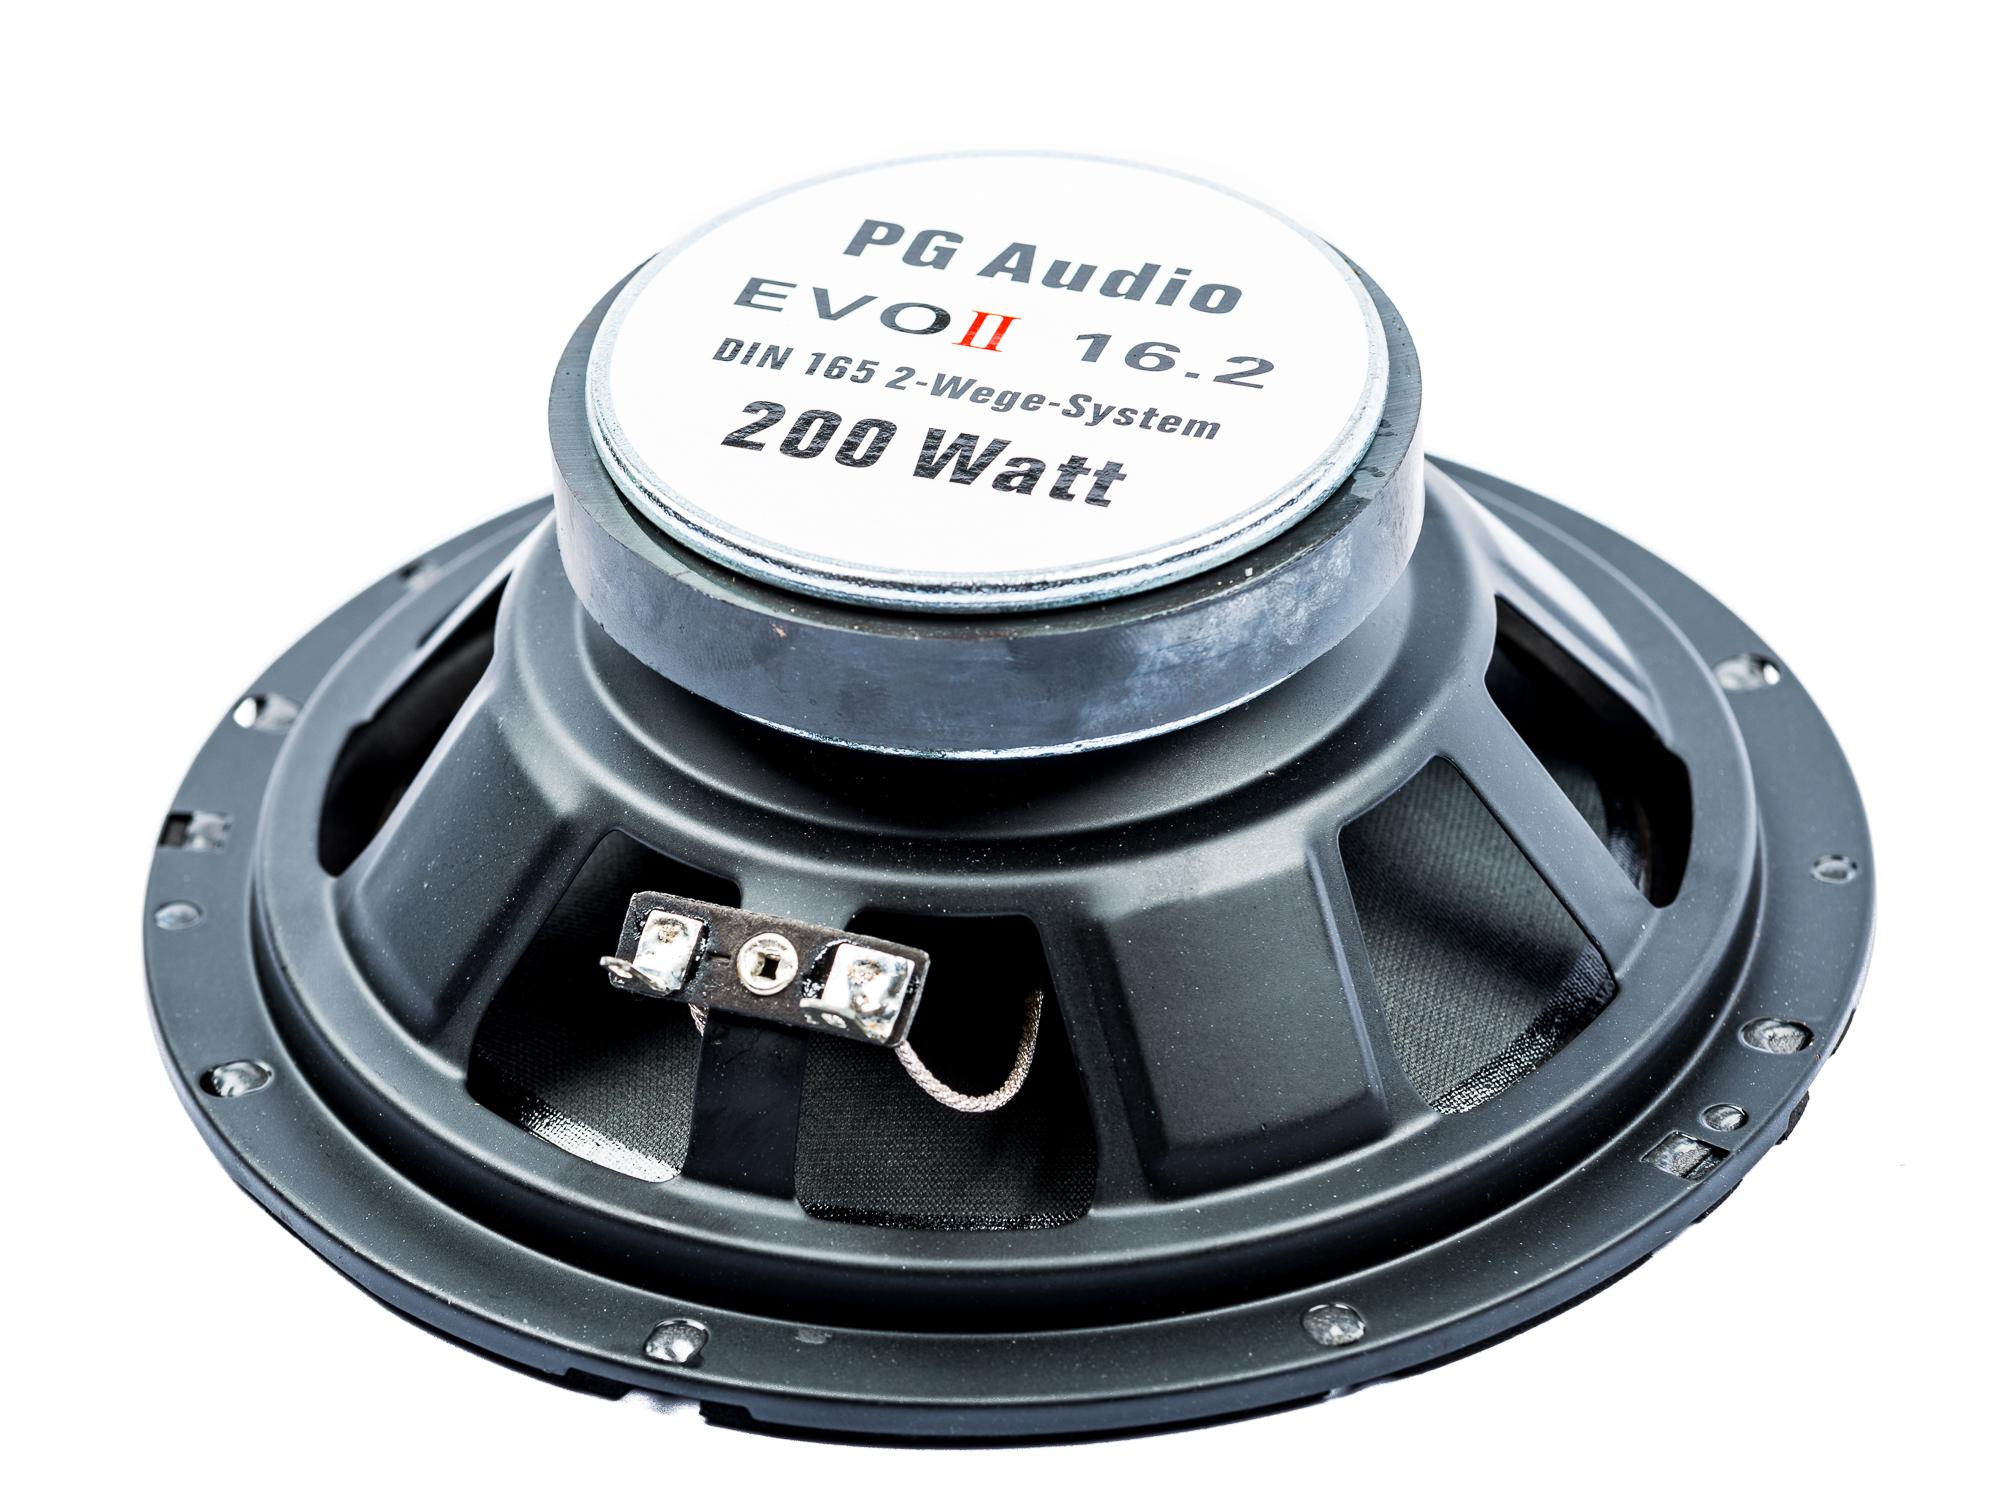 Audi A3 ab 7.03 A4 A4 Avant ab 11.2000 Lautsprecher Einbauset Tür vorne und hinten PG Audio – Bild 3